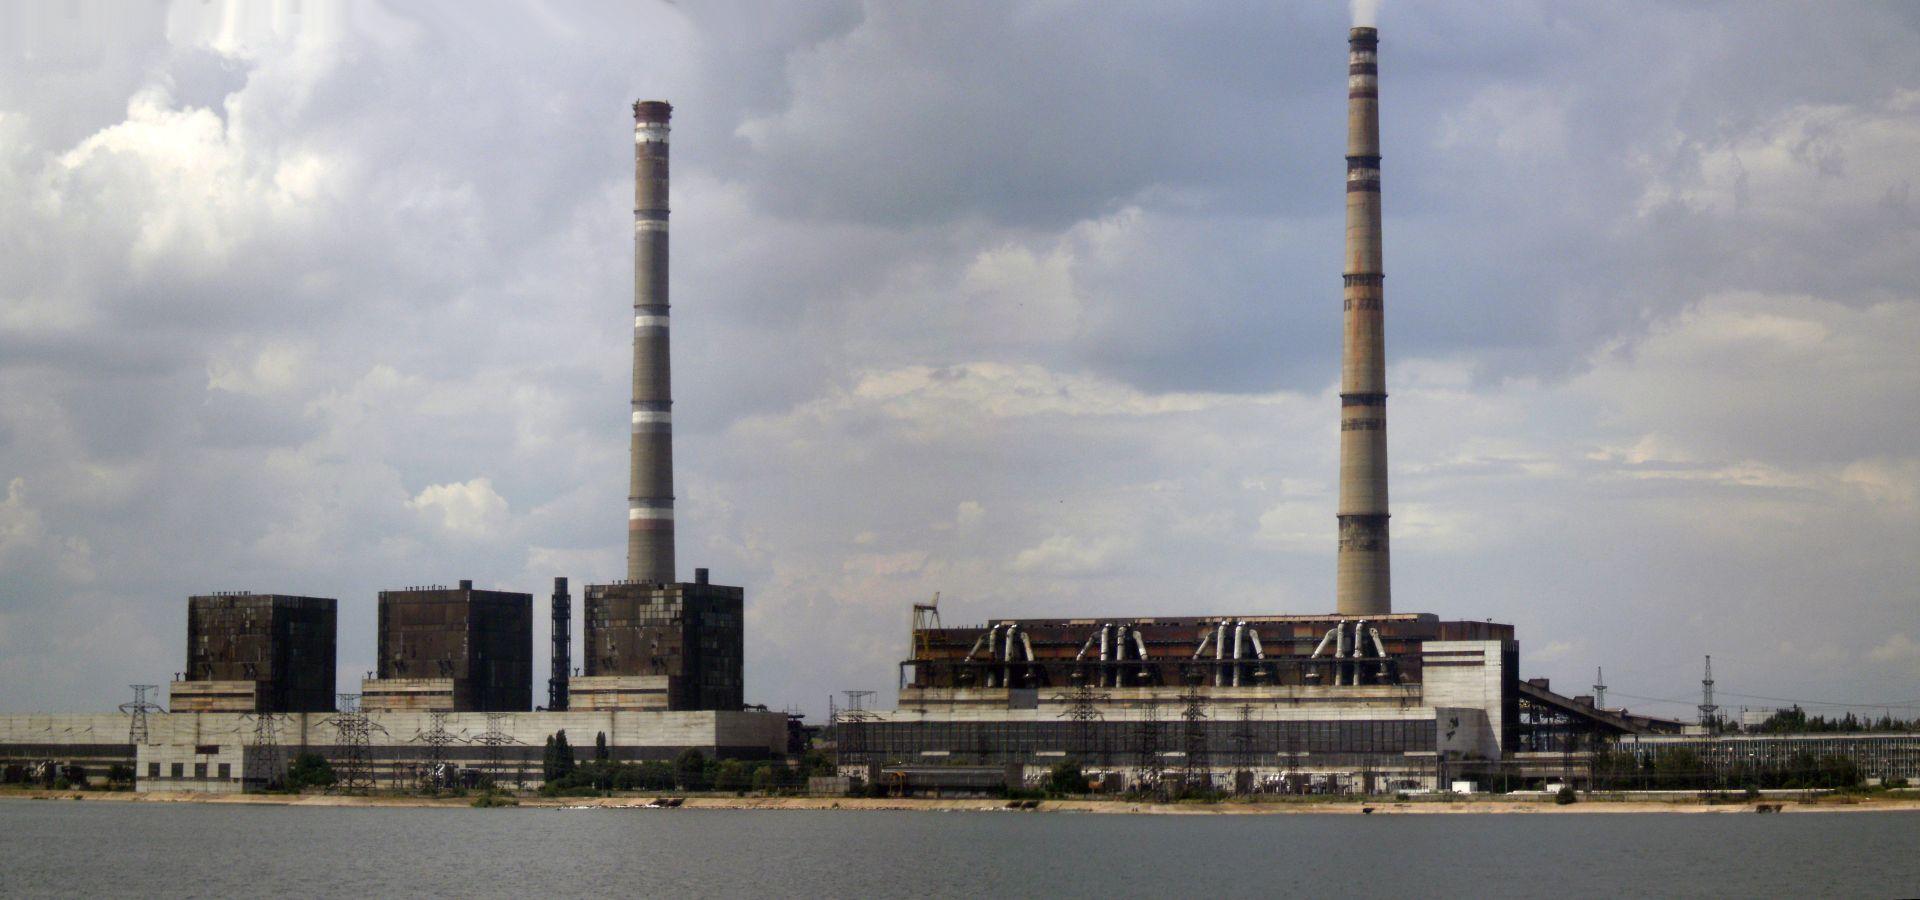 Vuhlehirska power station, coal-fired plant in Svitlodarsk, Ukraine